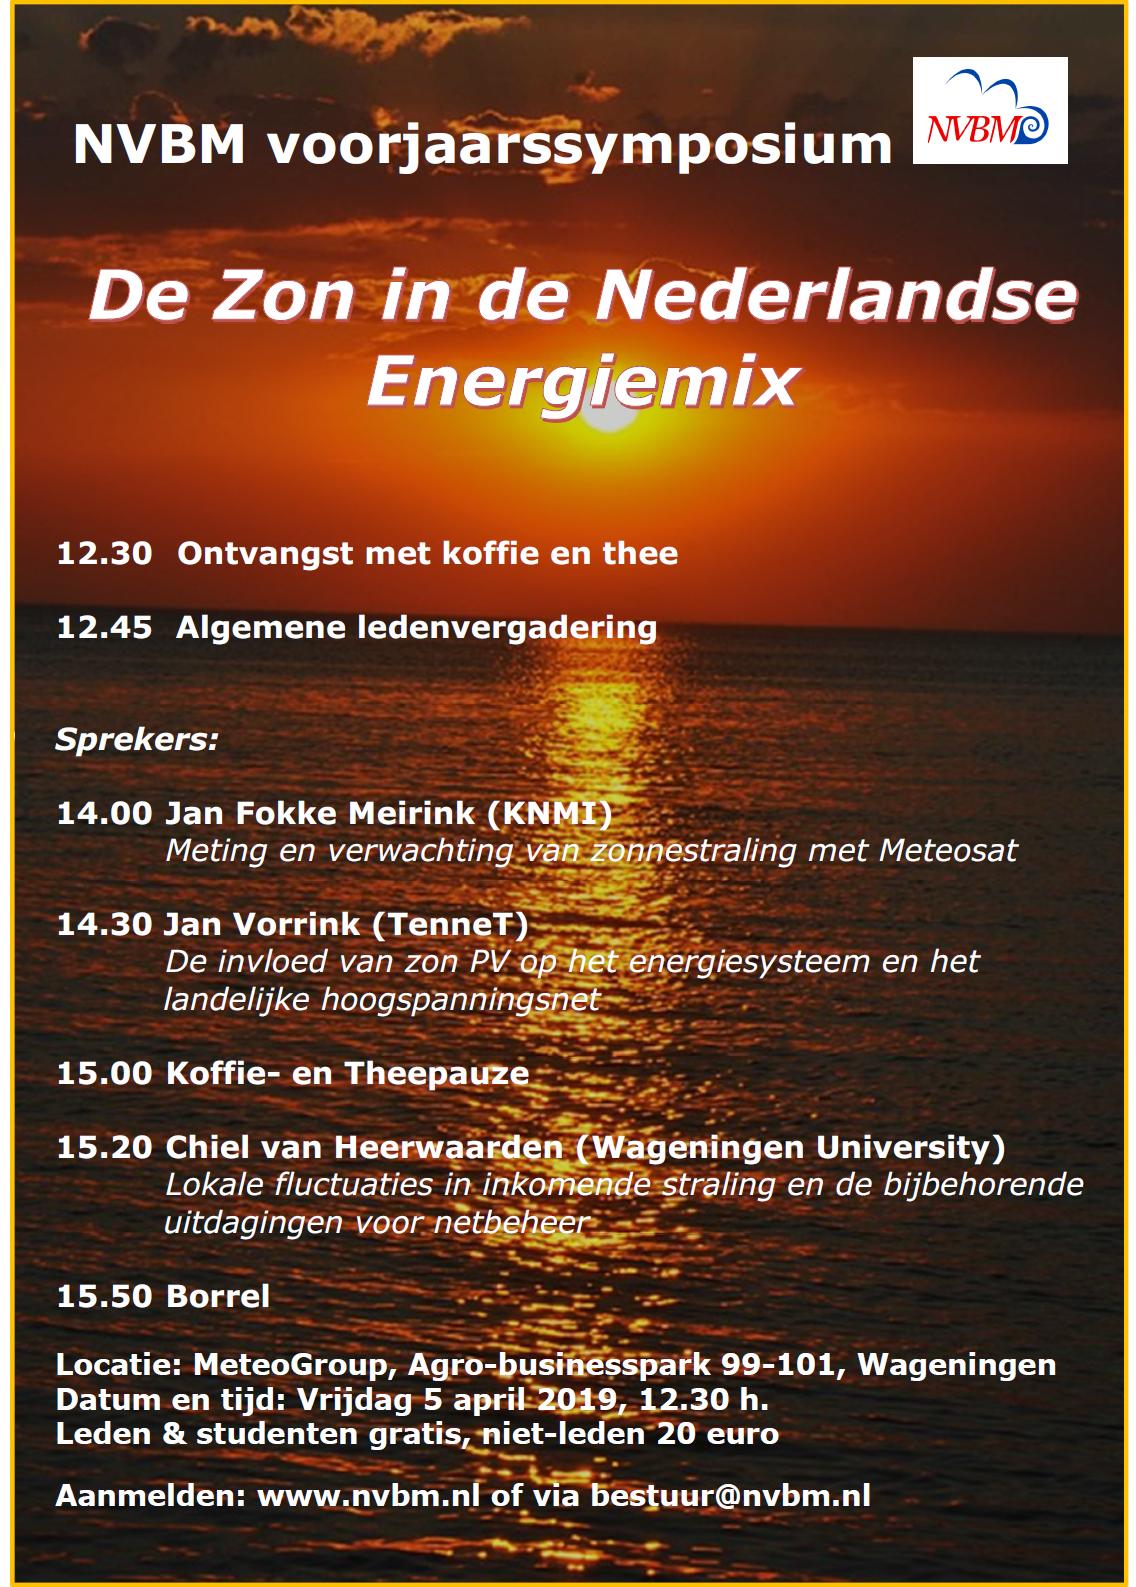 """Voorjaarssymposium """"De zon in de Nederlandse Energiemix"""", en ALV: 5 april va 12.30"""